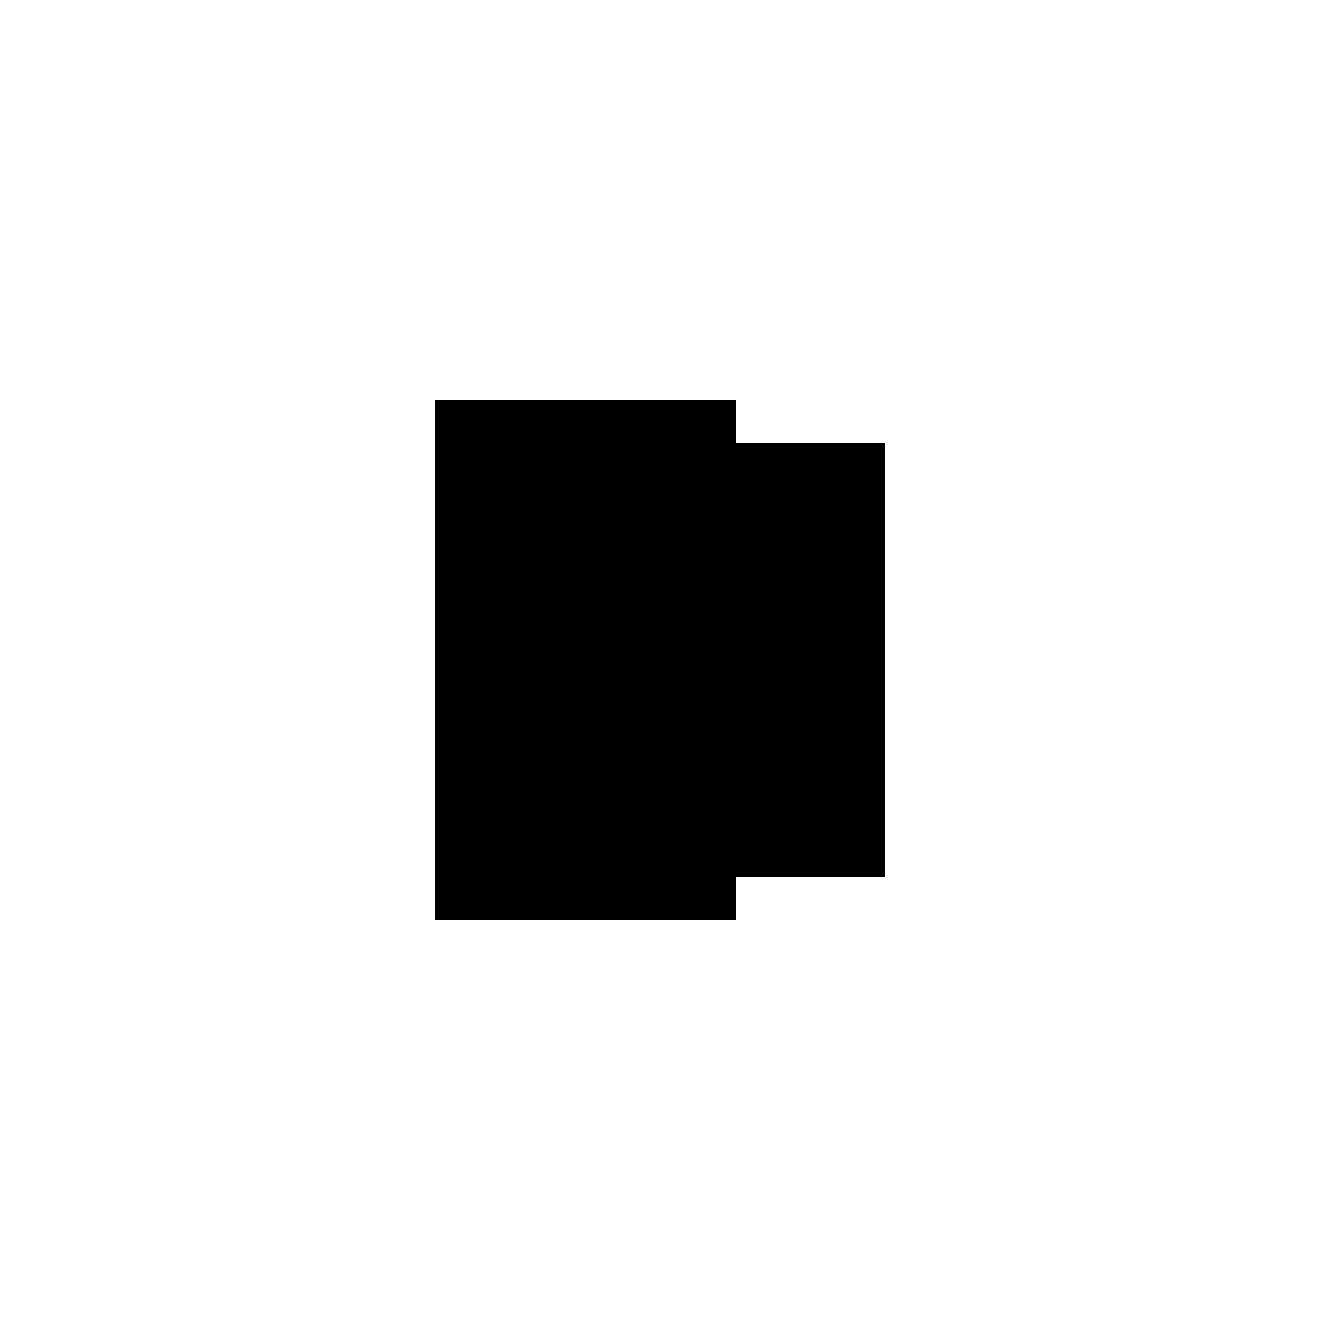 logo-heury-heury